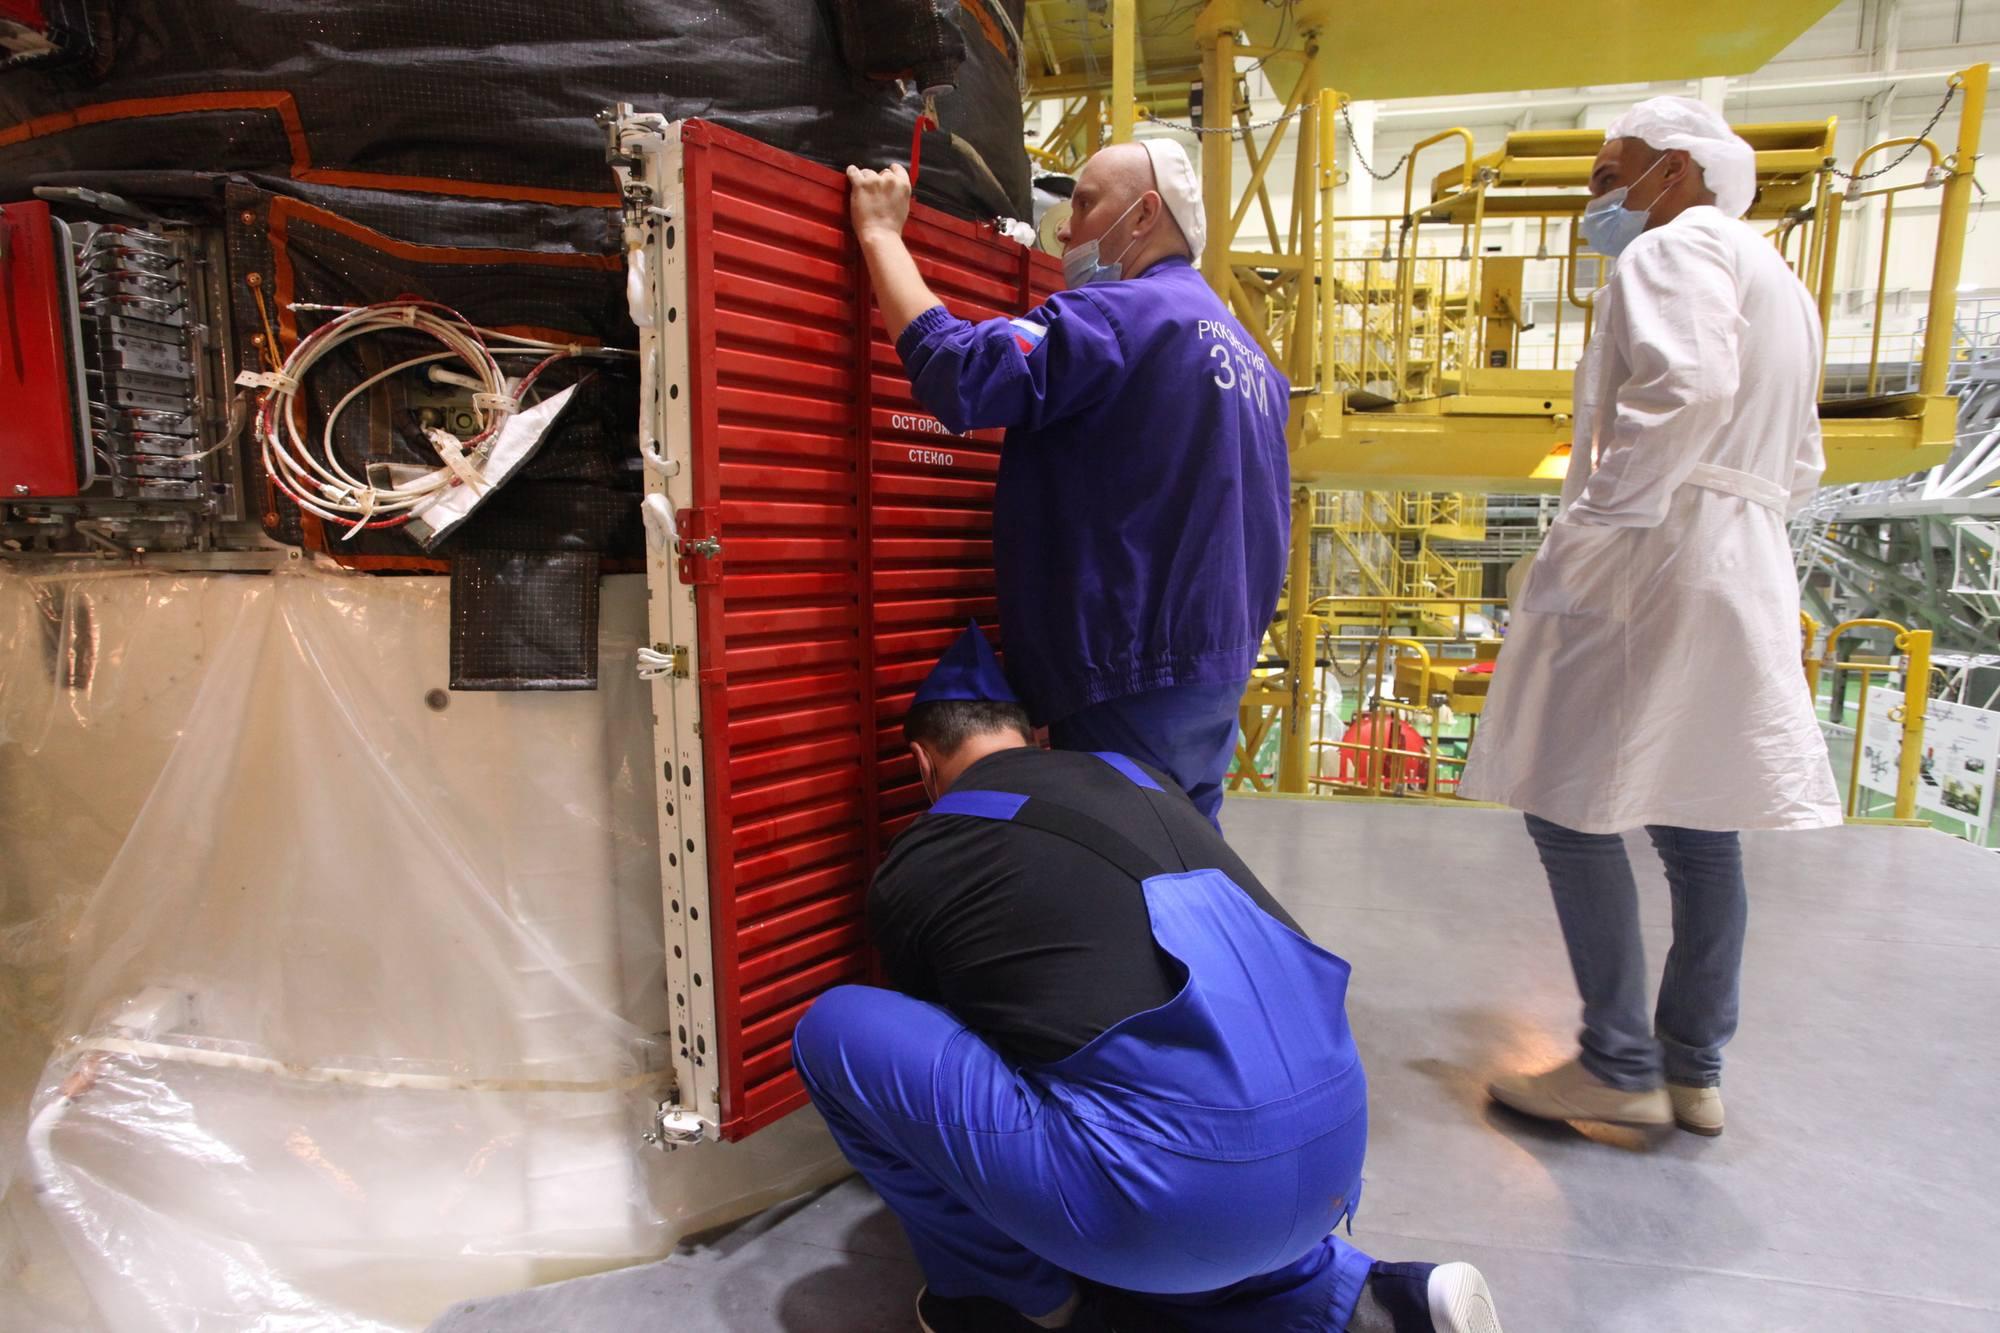 Image typique de la façon de travailler russe: Les techniciens (en bleu) effectuent les opérations sous le contrôle des ingénieurs (en blanc).